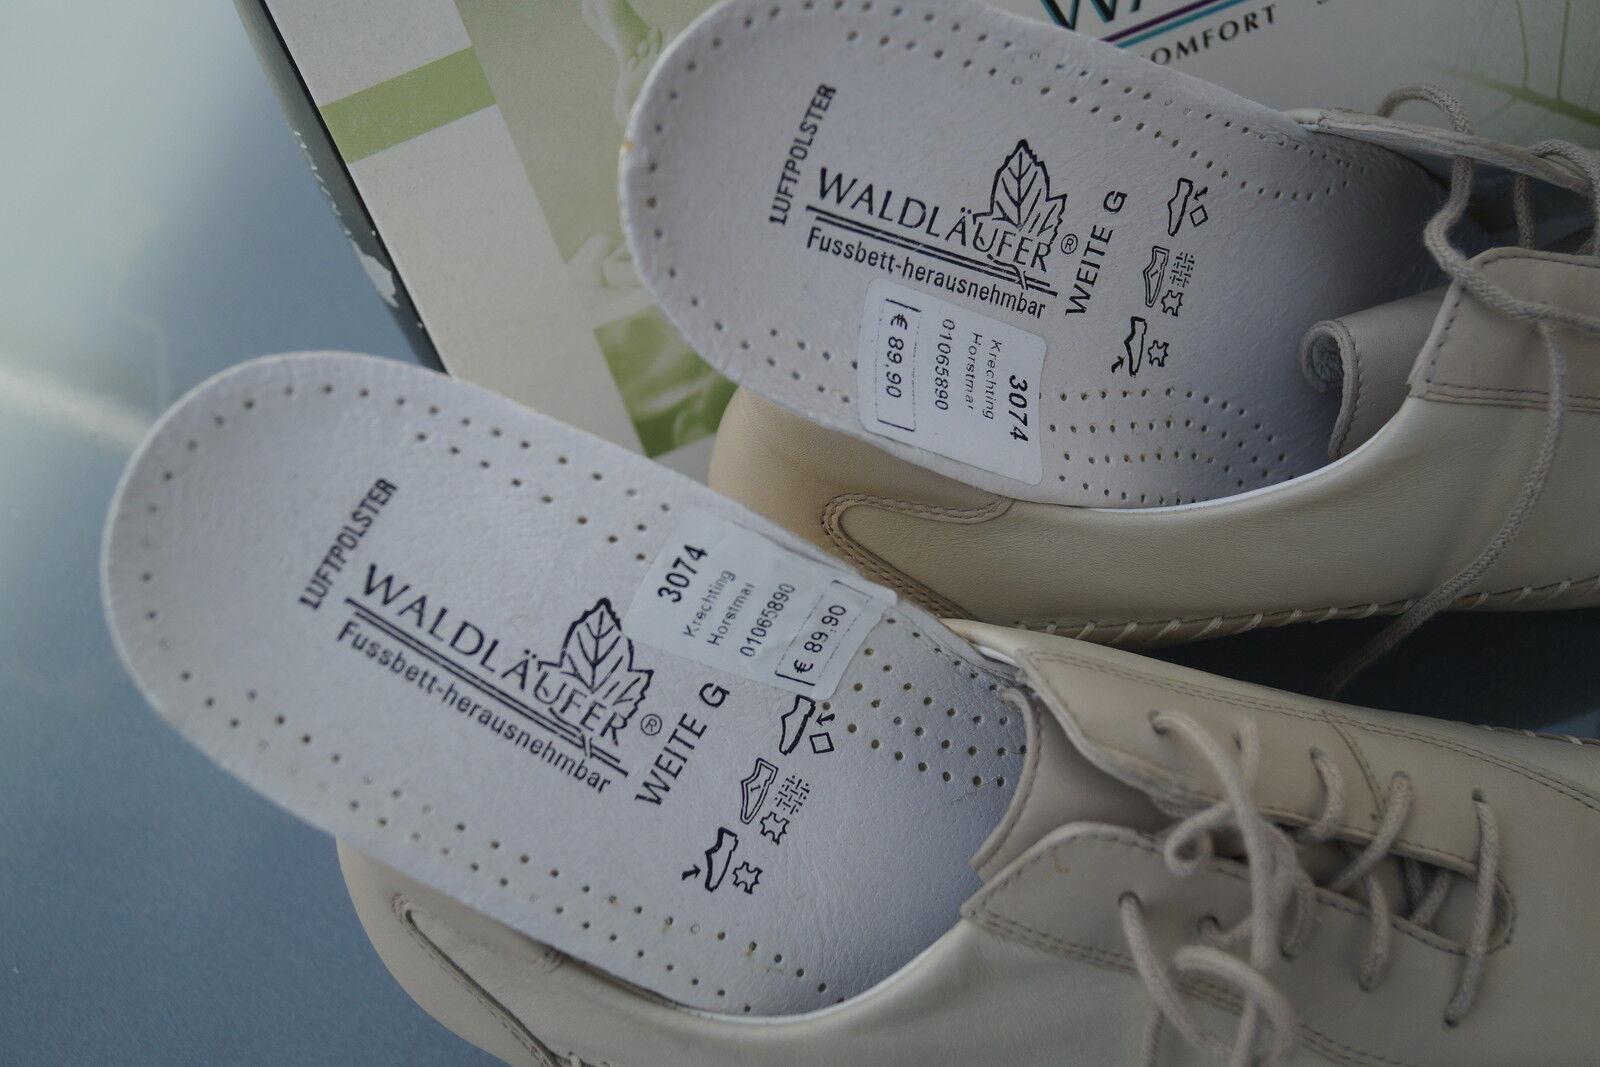 WALDLÄUFER Einlagen Gerti Damen Comfort Schuhe Slipper Leder mit Einlagen WALDLÄUFER Gr.6 G 39,5 NEU b74e94